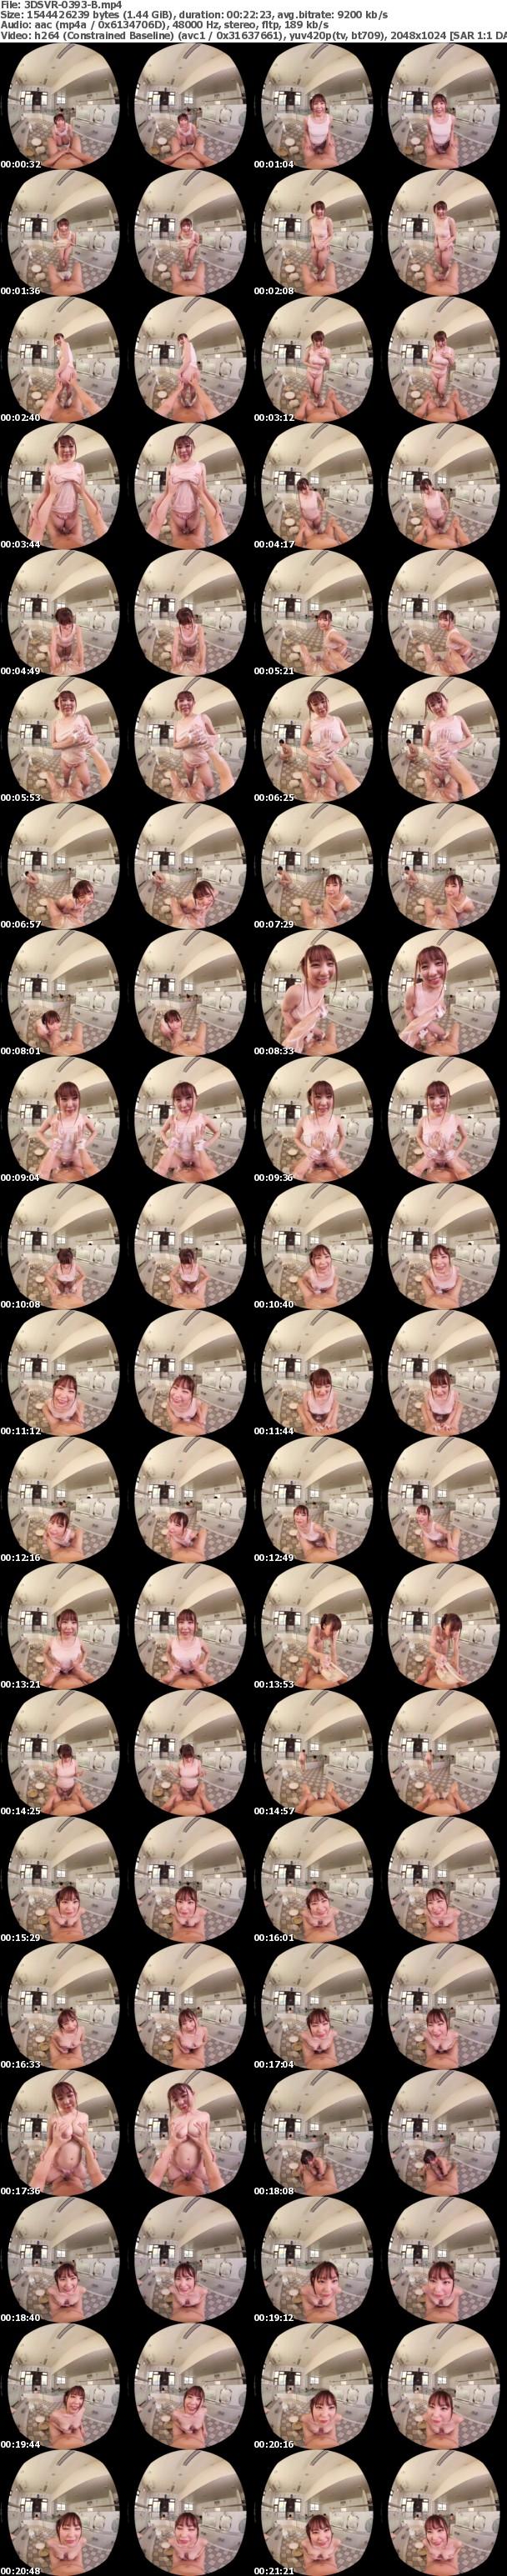 (VR) 3DSVR-0393 明るい笑顔!たぷたぷの胸!ヌキあり!で下半身を癒してくれる銭湯の看板娘VR 森はるら